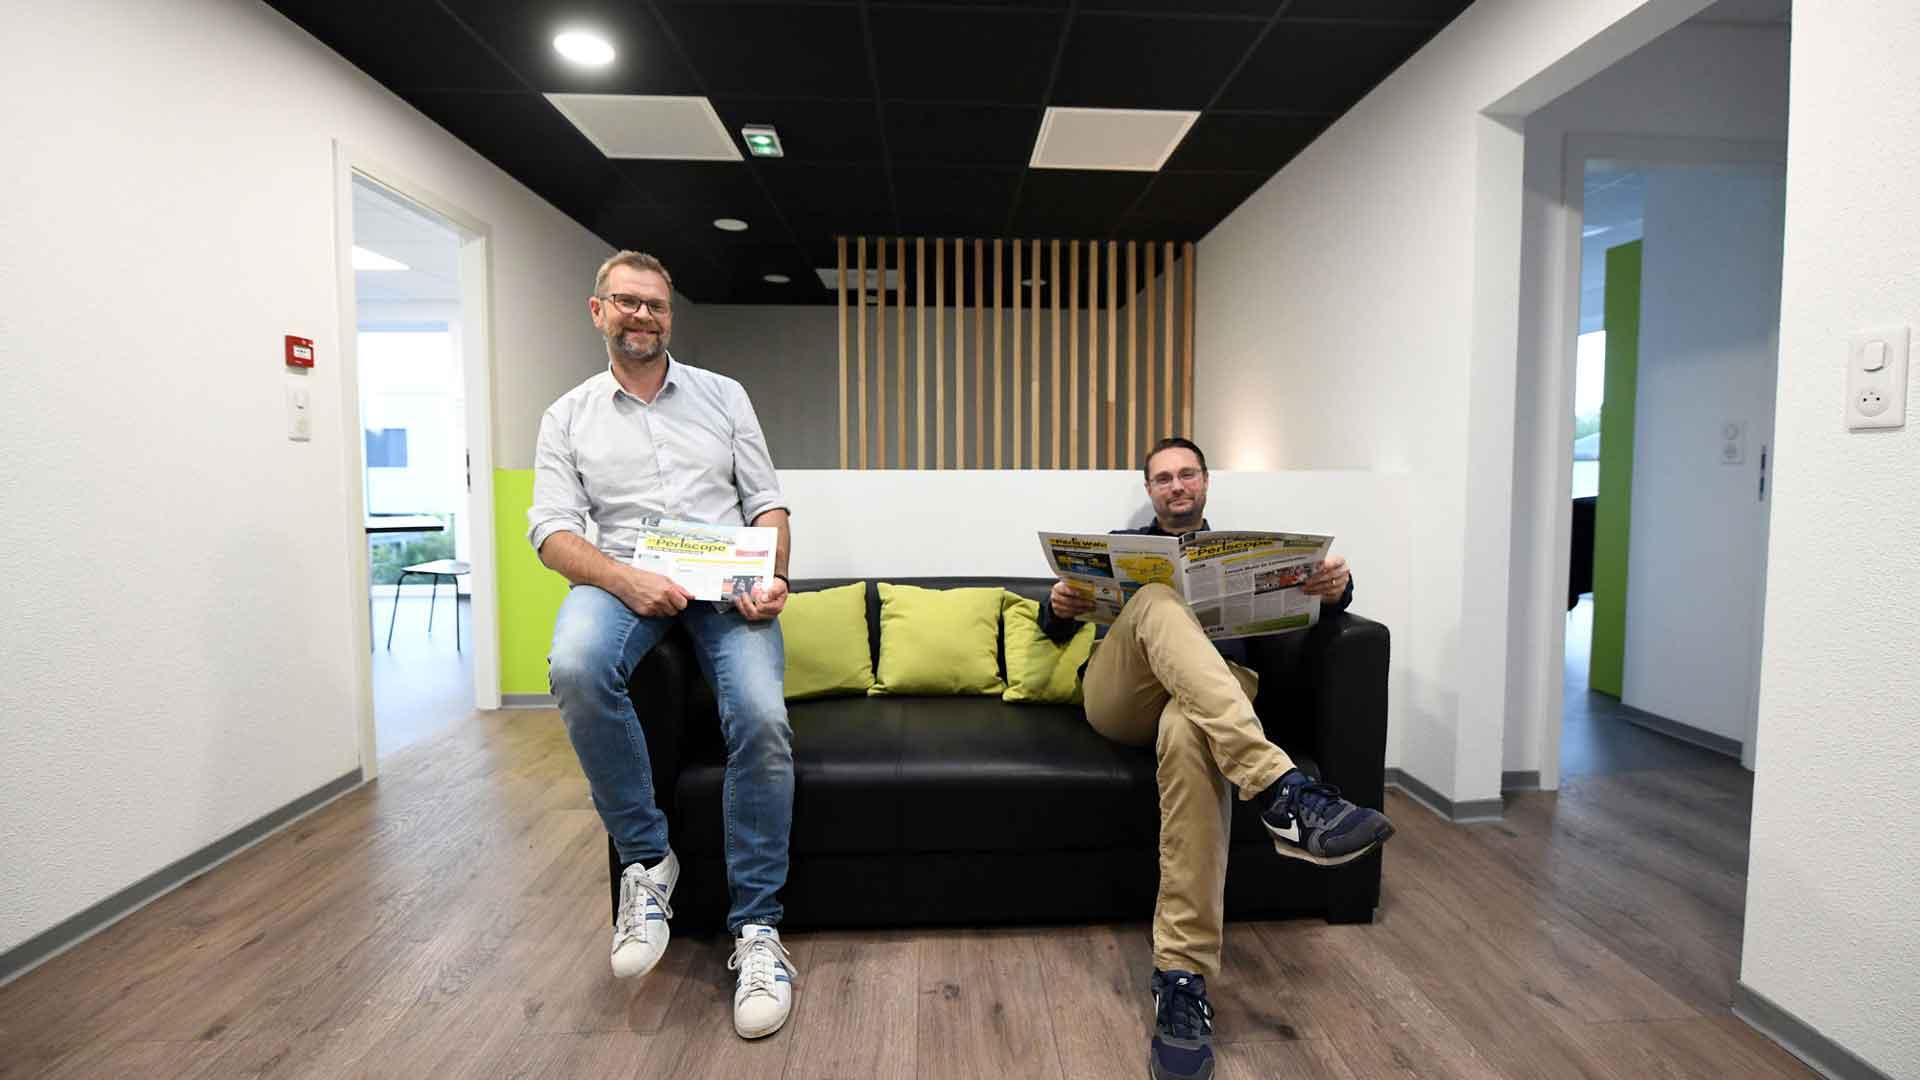 Charles Plaisant, directeur général du Périscope (à gauche) et Anthony Hernu, directeur commercial, sont à l'origine de l'initiative